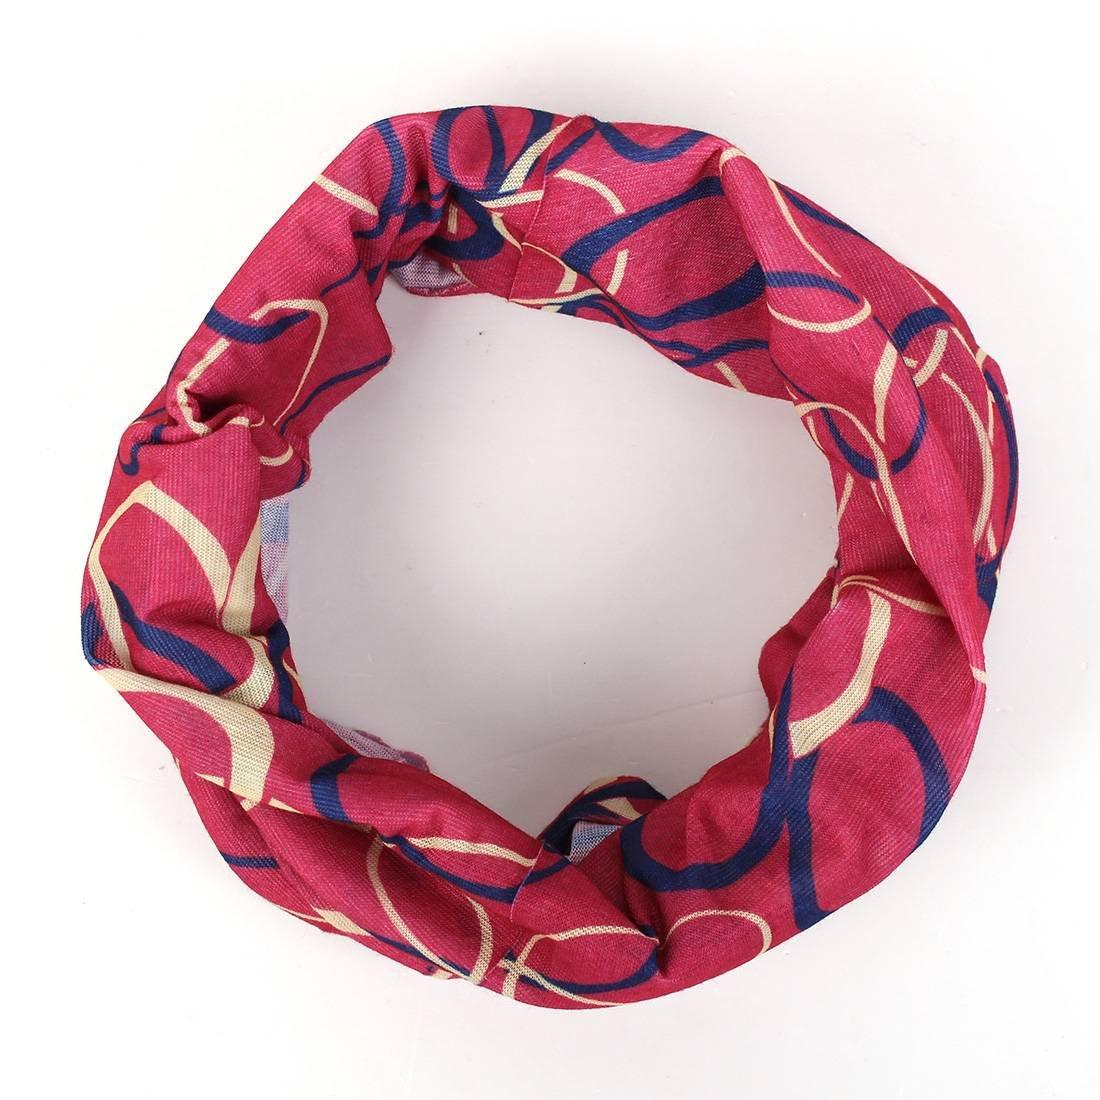 OUTERDO Multi-Funktions Kopftuch Halstuch Kopfbedeckung Haarband für Fahrrad Sport Ski